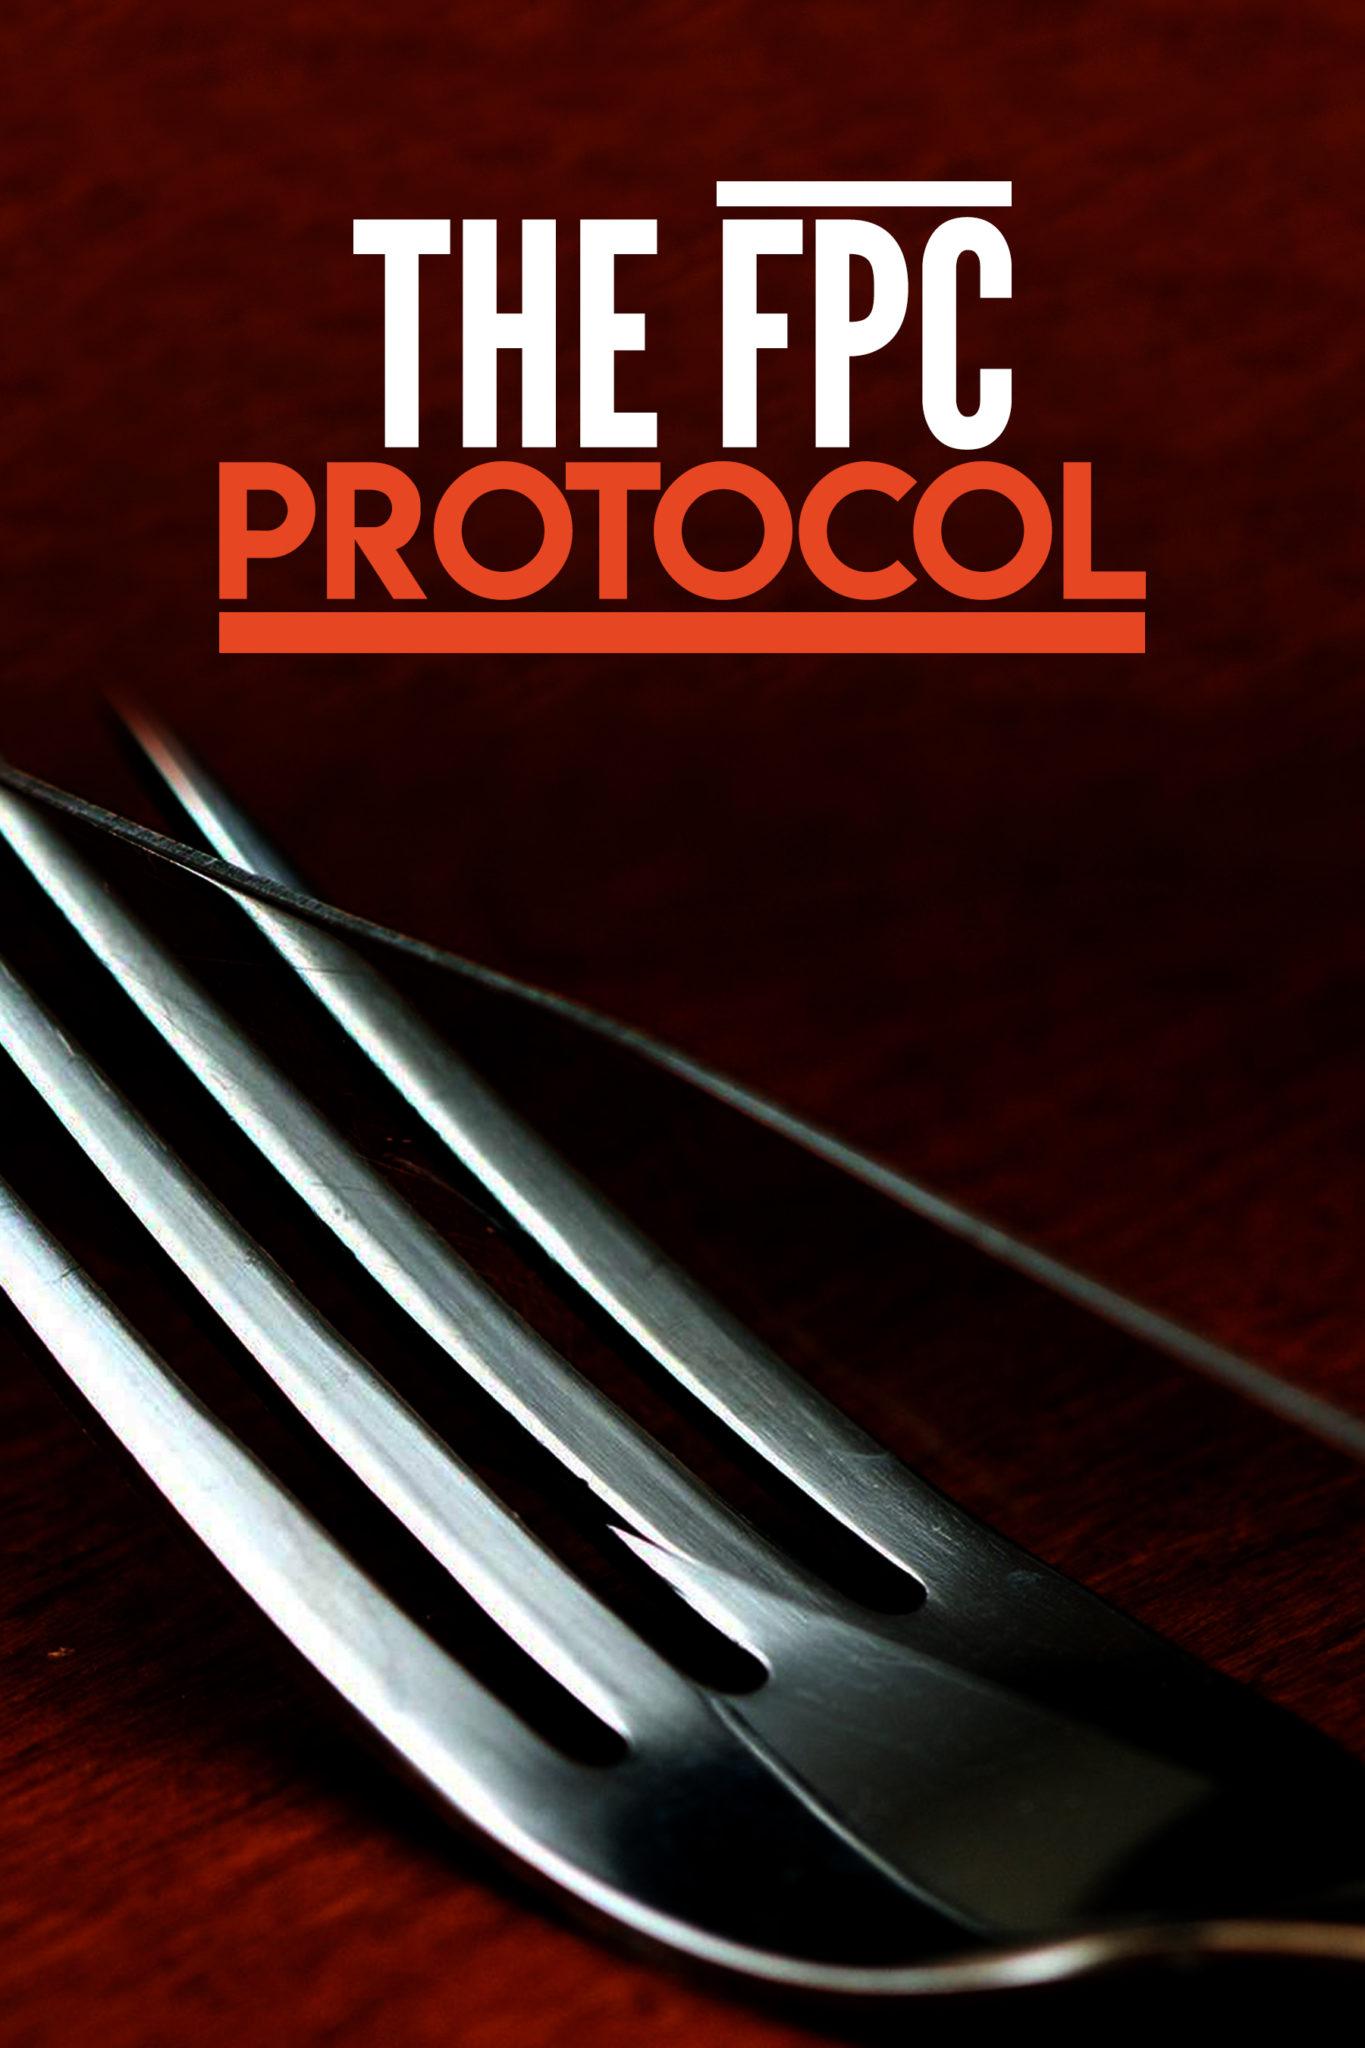 fpc-protocol